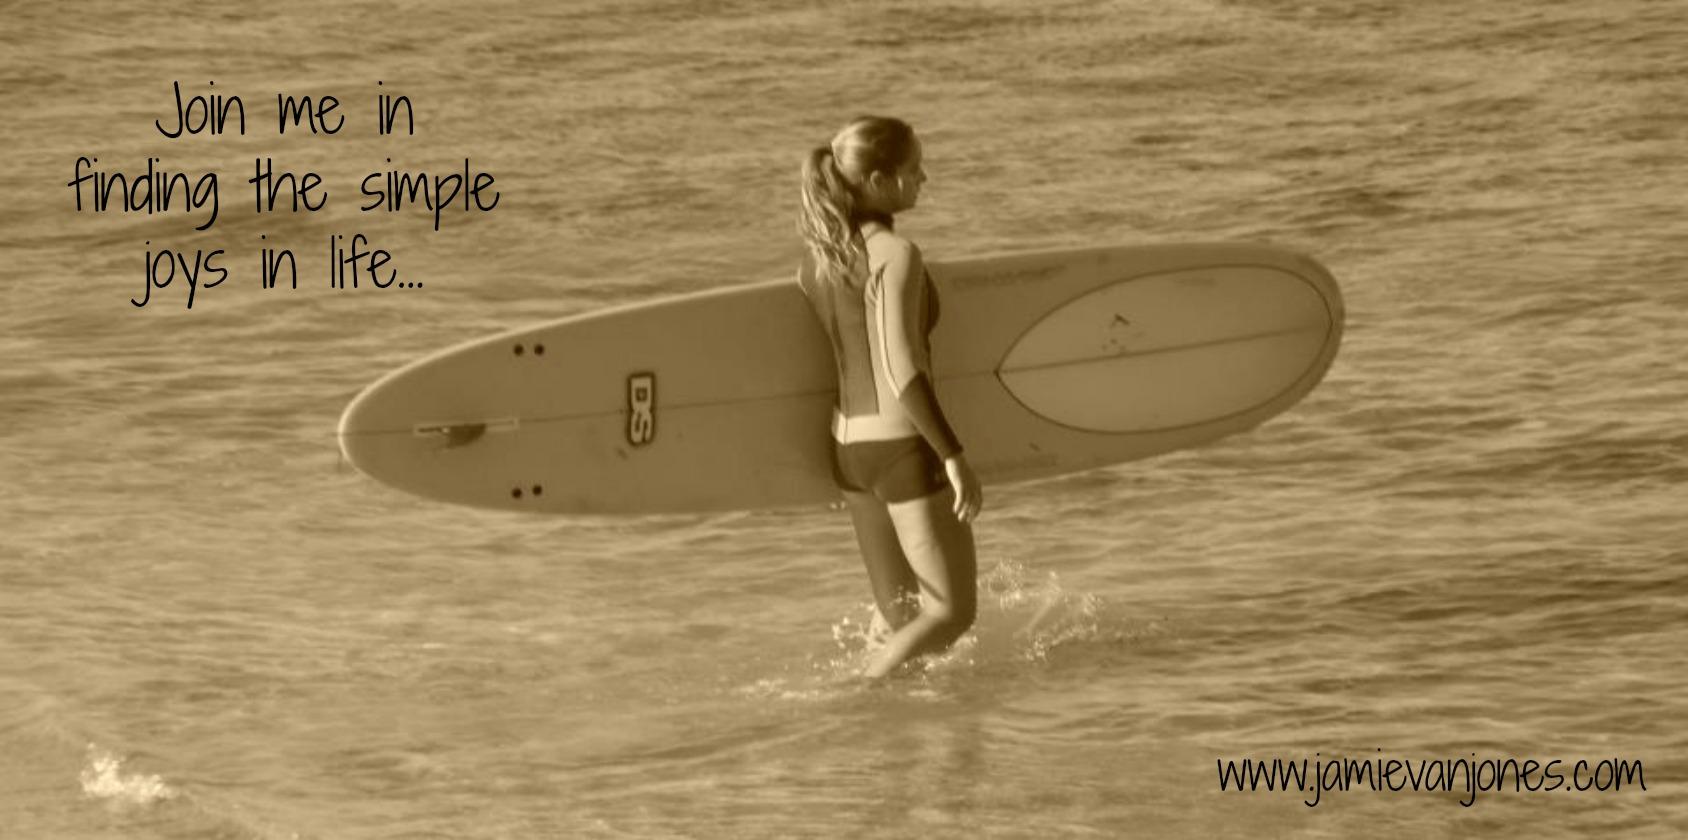 JVJ surf simple